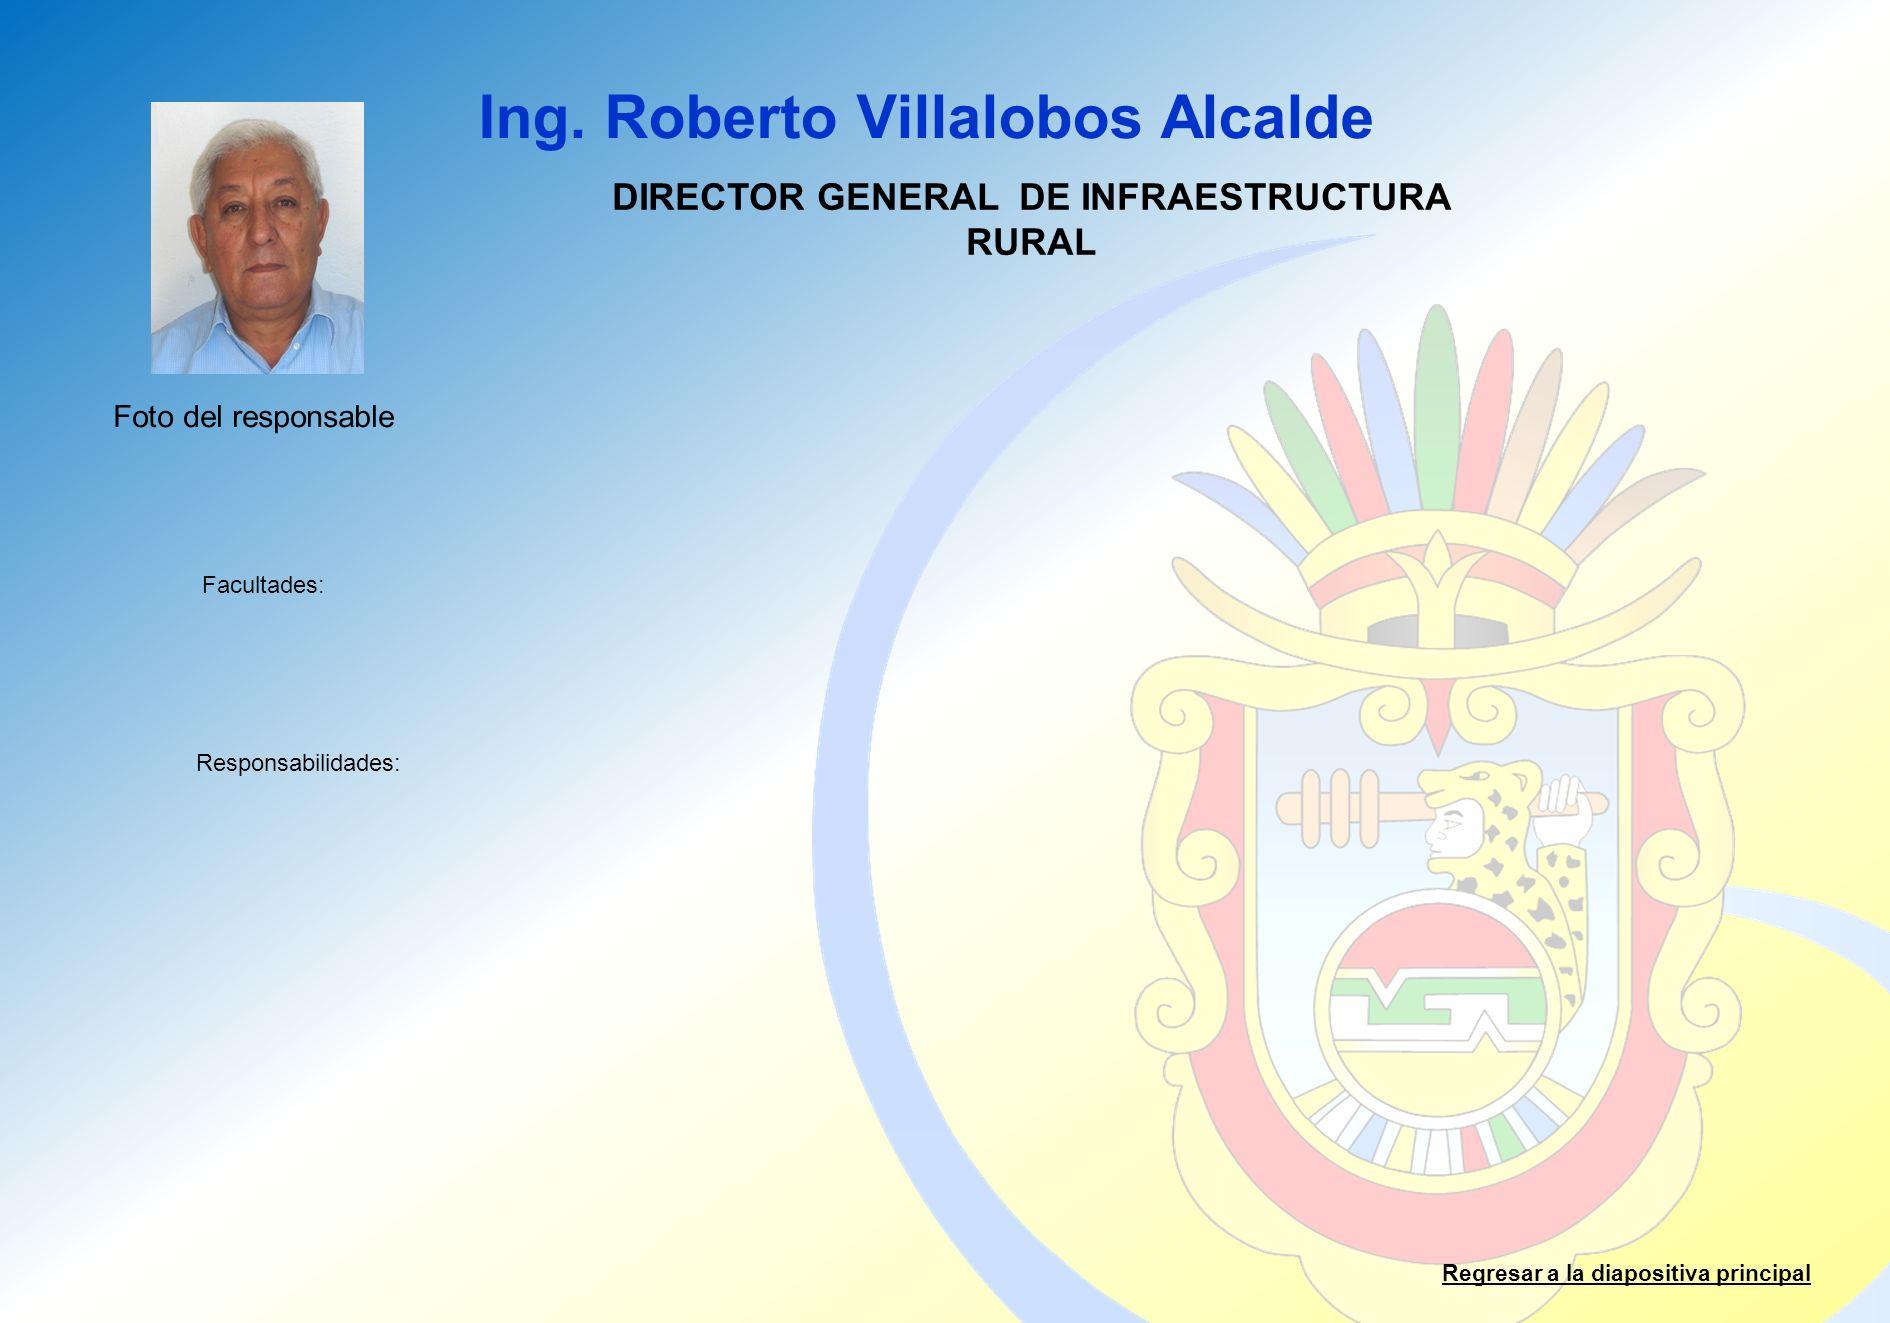 Ing. Roberto Villalobos Alcalde Facultades: Responsabilidades: Regresar a la diapositiva principal DIRECTOR GENERAL DE INFRAESTRUCTURA RURAL Foto del